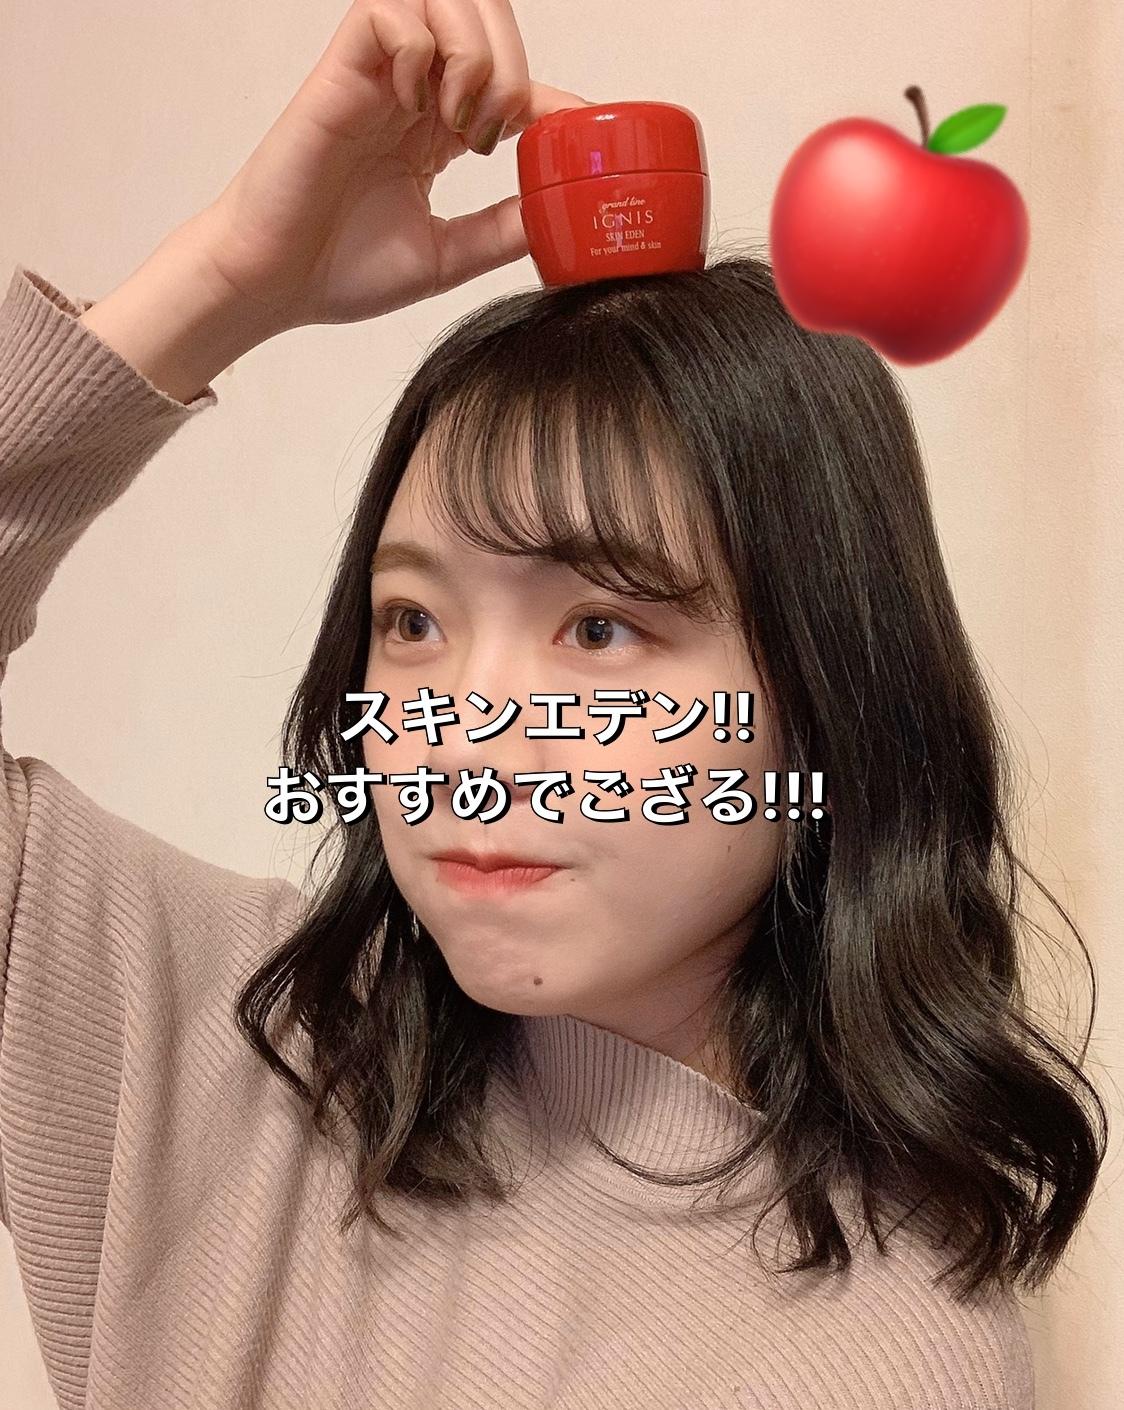 【IGNIS】りんごのパッケージが目印!_1_4